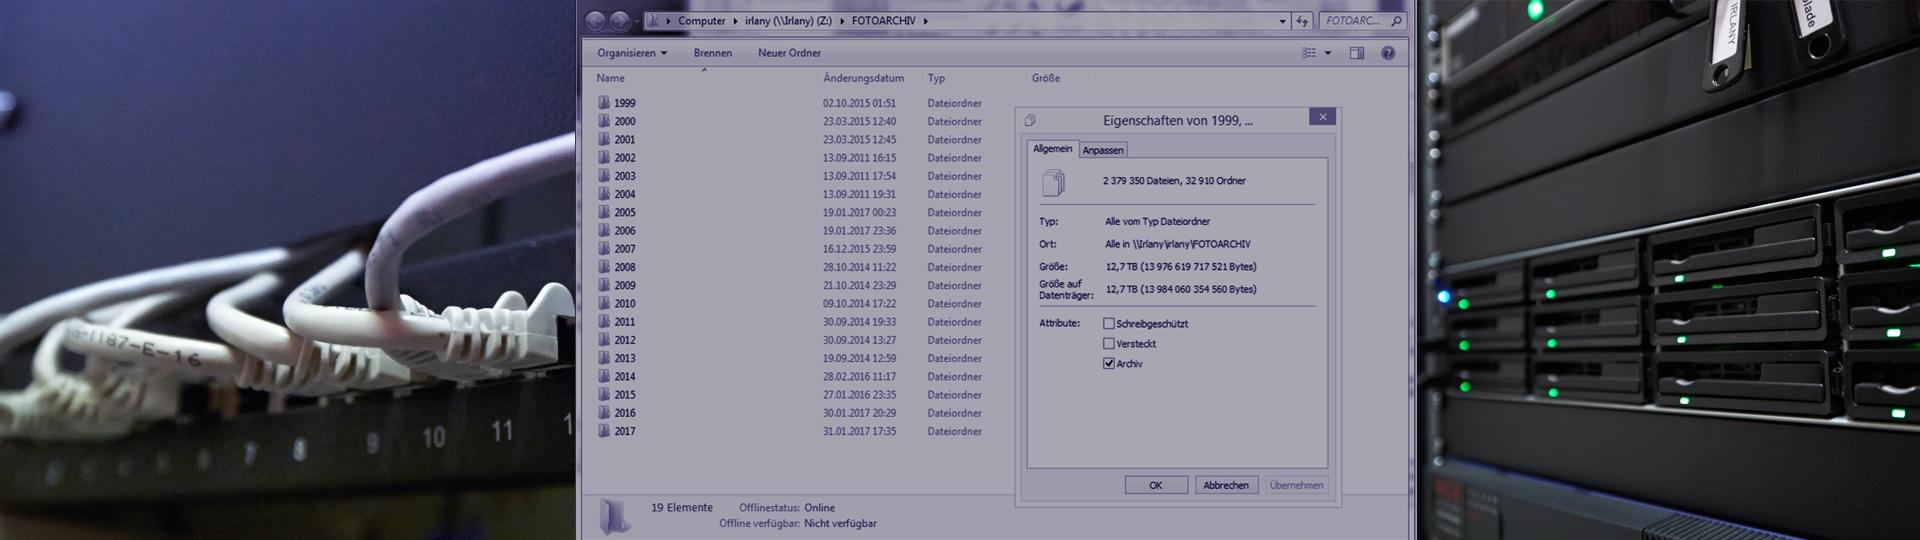 24.01 TB, also 24 000 Gigabyte in<br> 4 Mio 379 350 Dateien, 96 910 Ordner